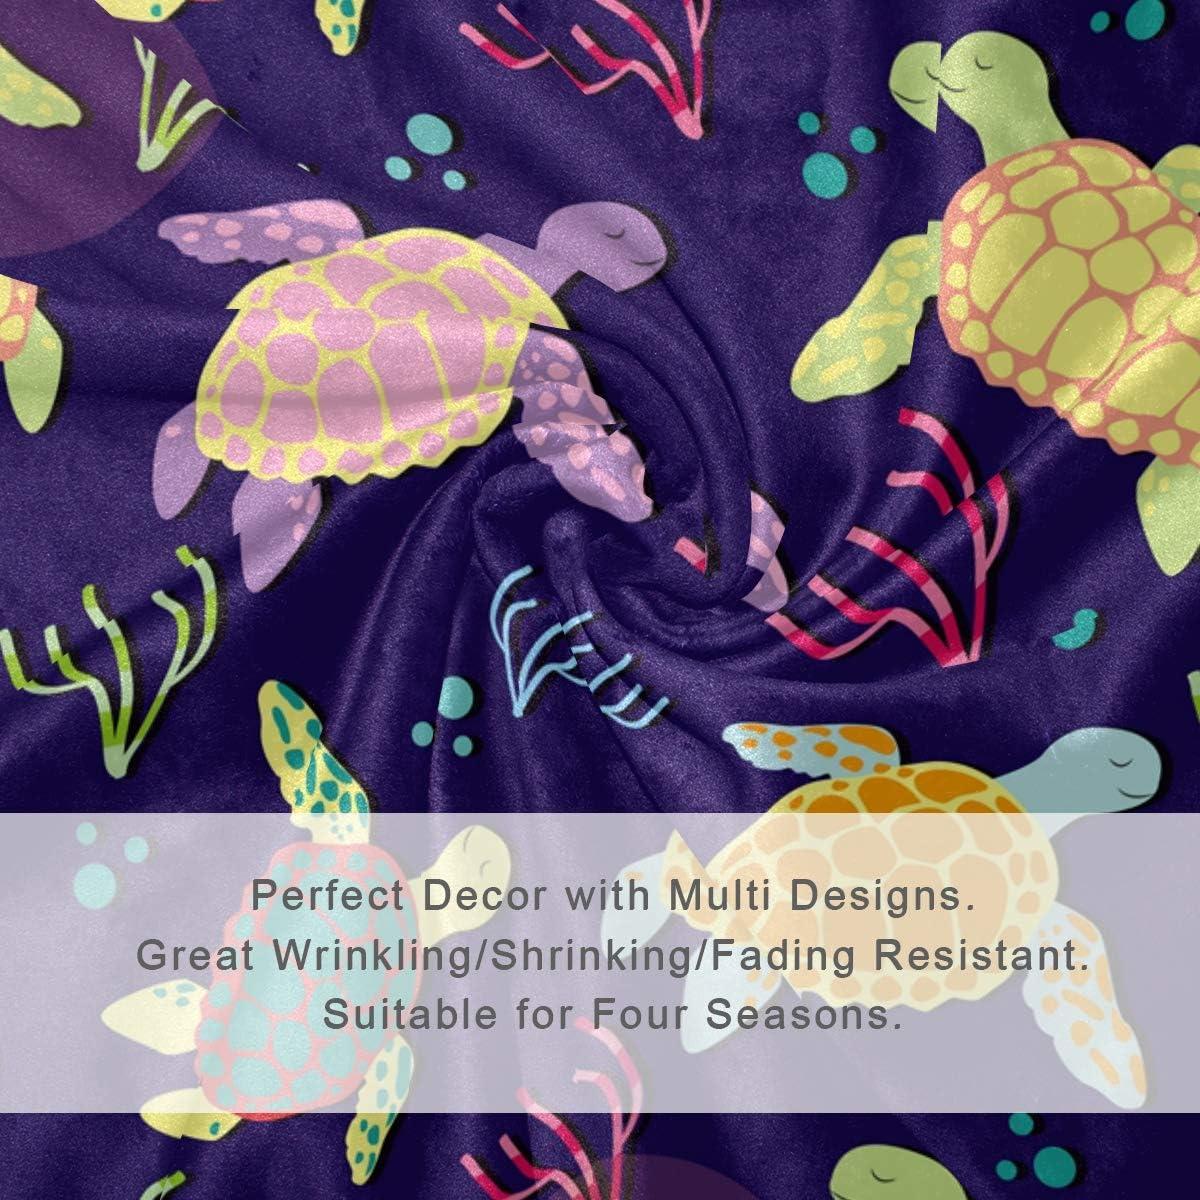 hengpai Couverture Douce pour lit et canapé Motif Chien 60 x 90 cm, Microfibre de Polyester, Multicolore 5, 60x90 in Multi8.